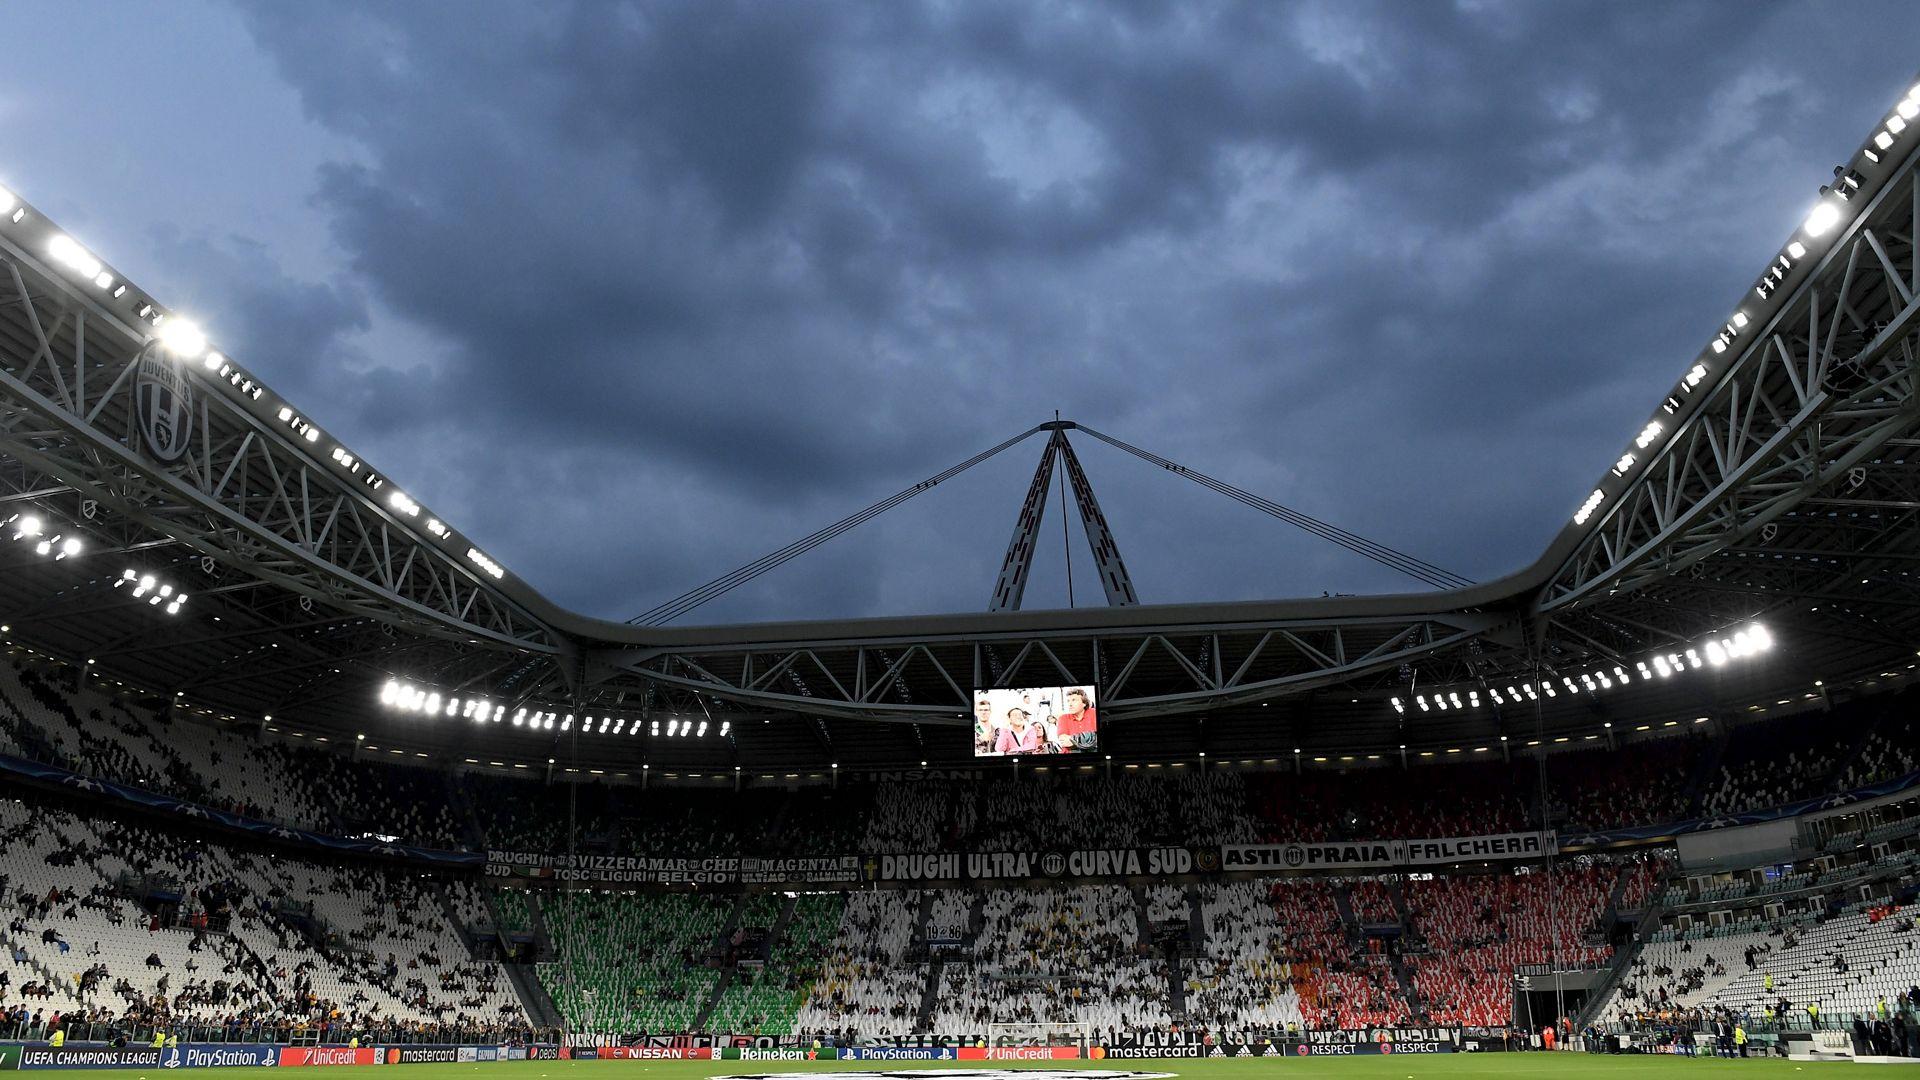 Juventus Stadium view